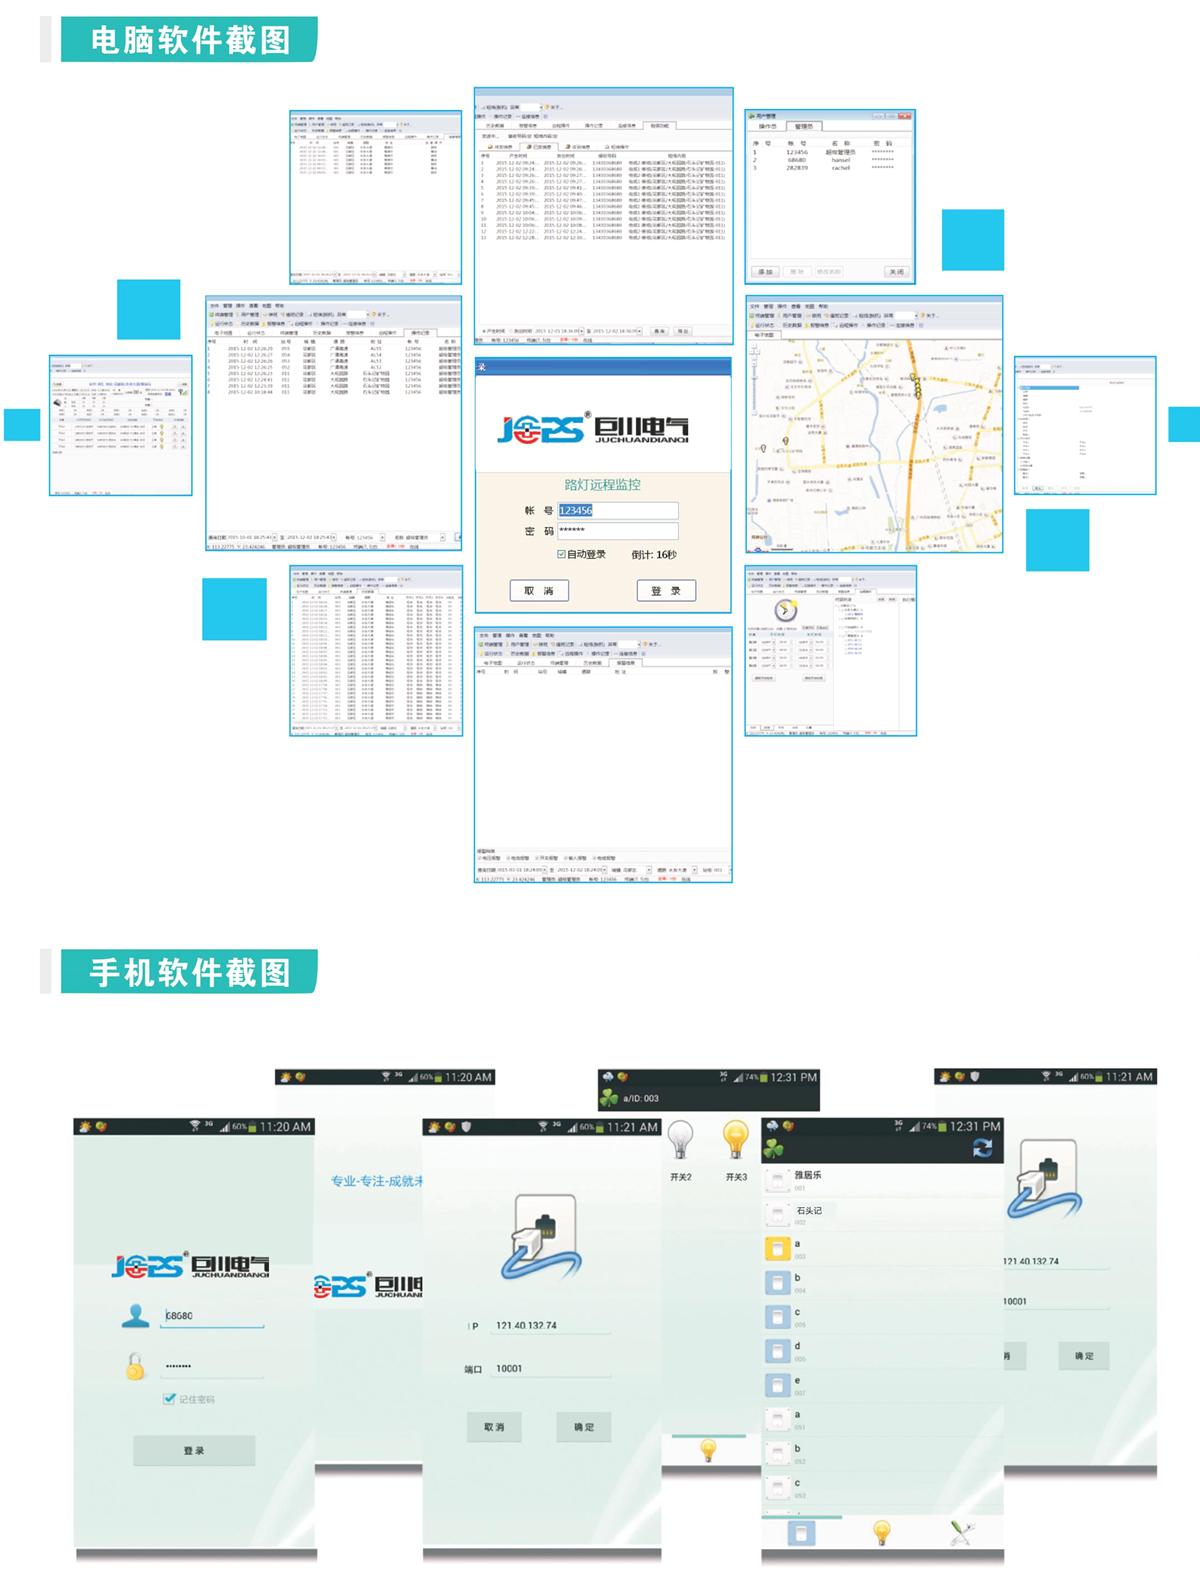 菲皇国际路灯监控系统